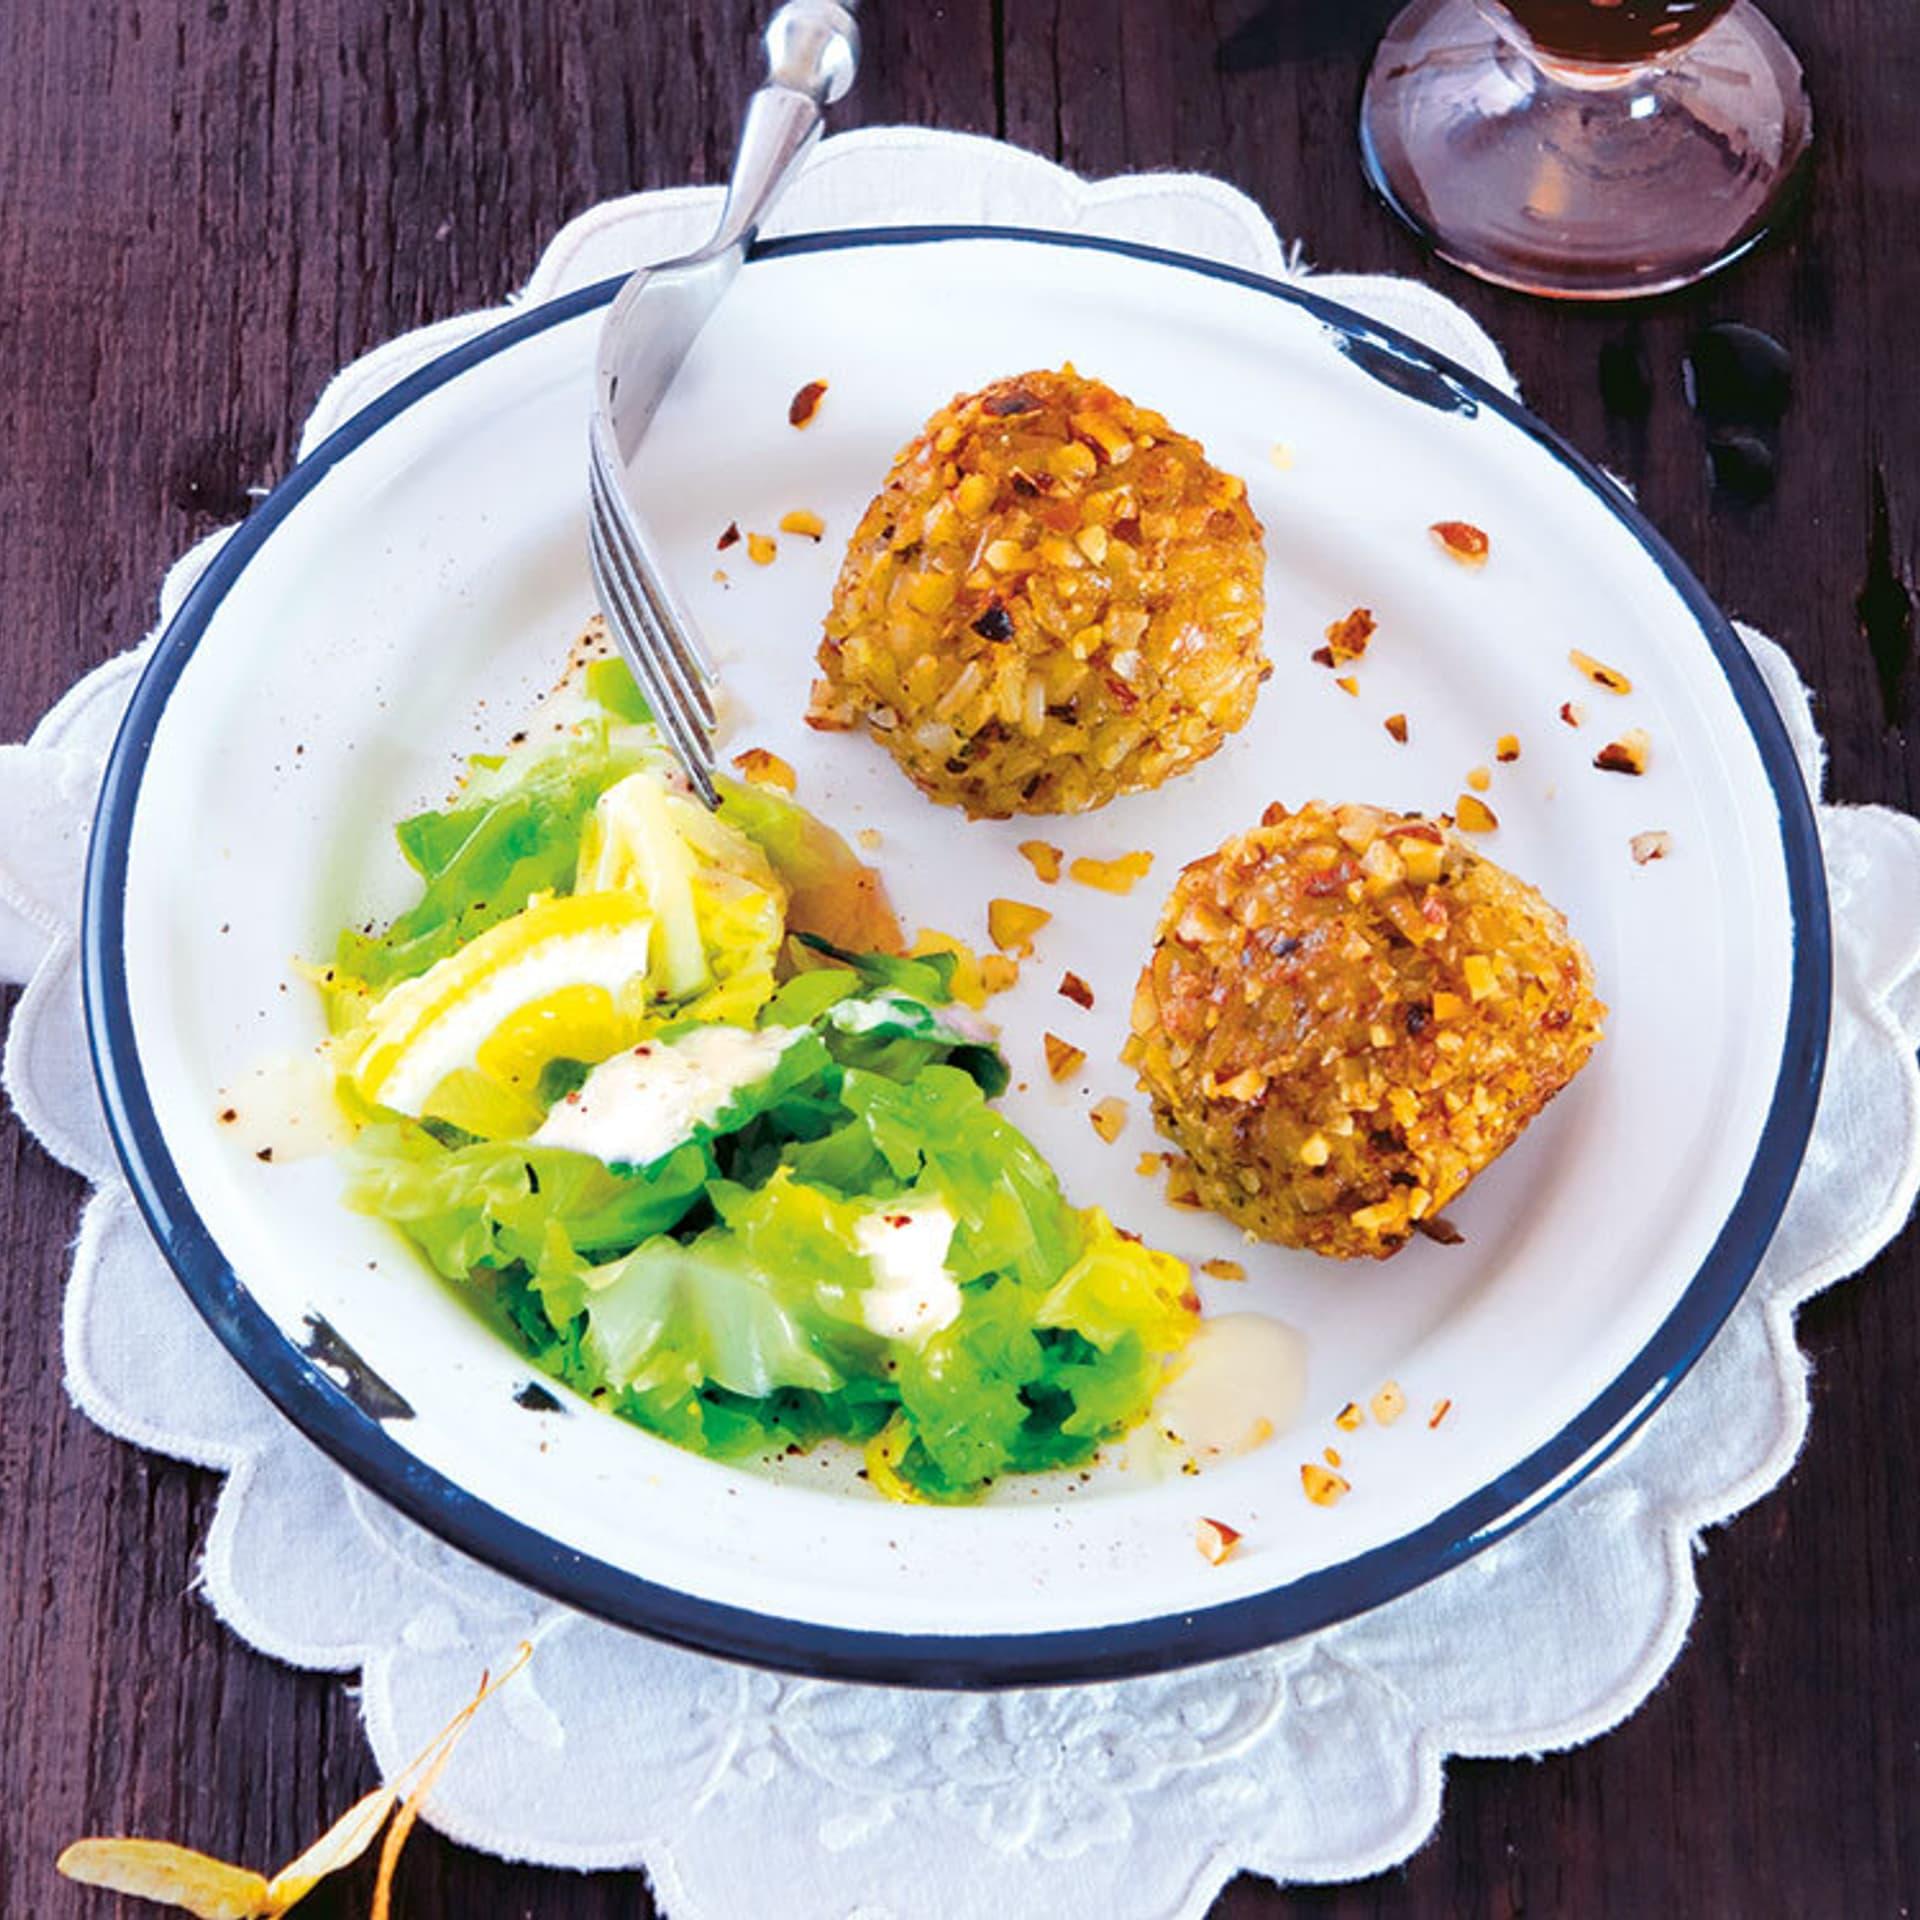 Teller mit Gemüse und Bällchen